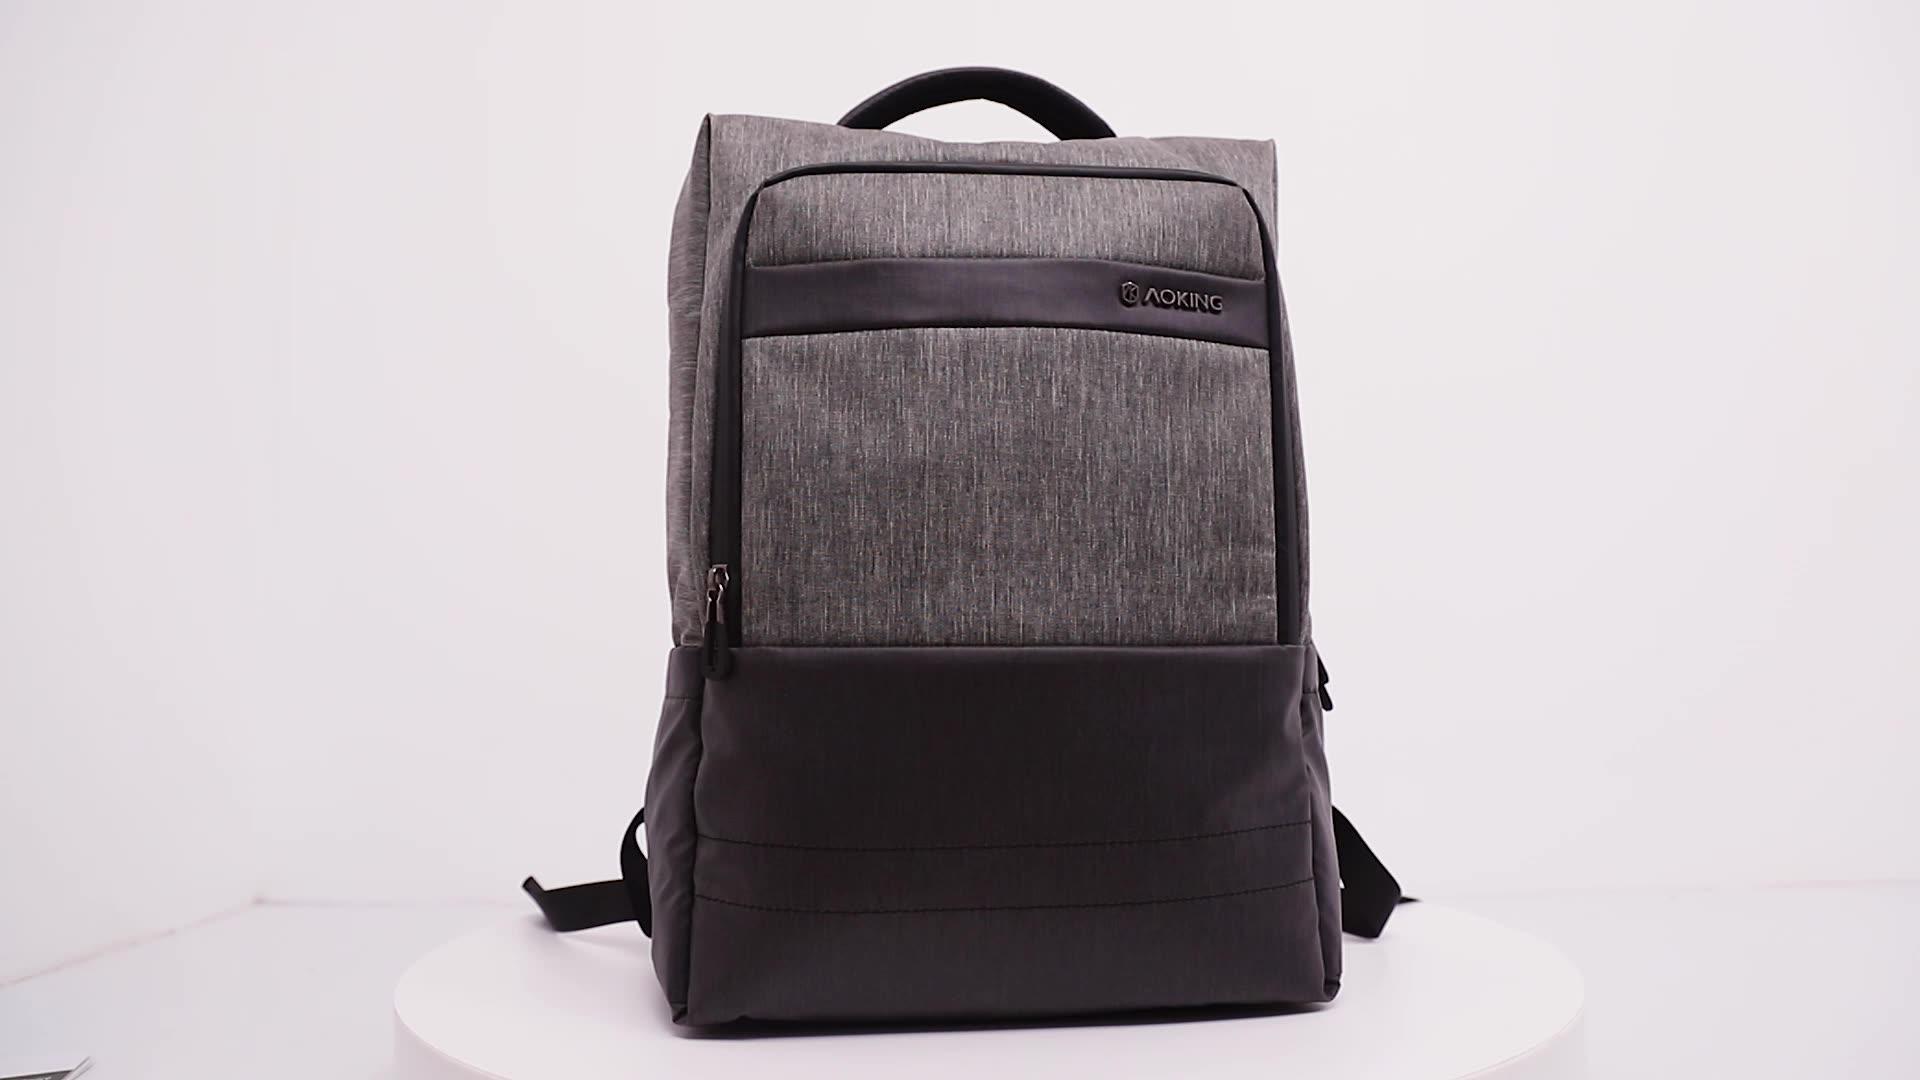 Tas ransel dengan bawah memperbaiki/tali belakang fungsi portable bisnis tas ransel laptop dengan port USB